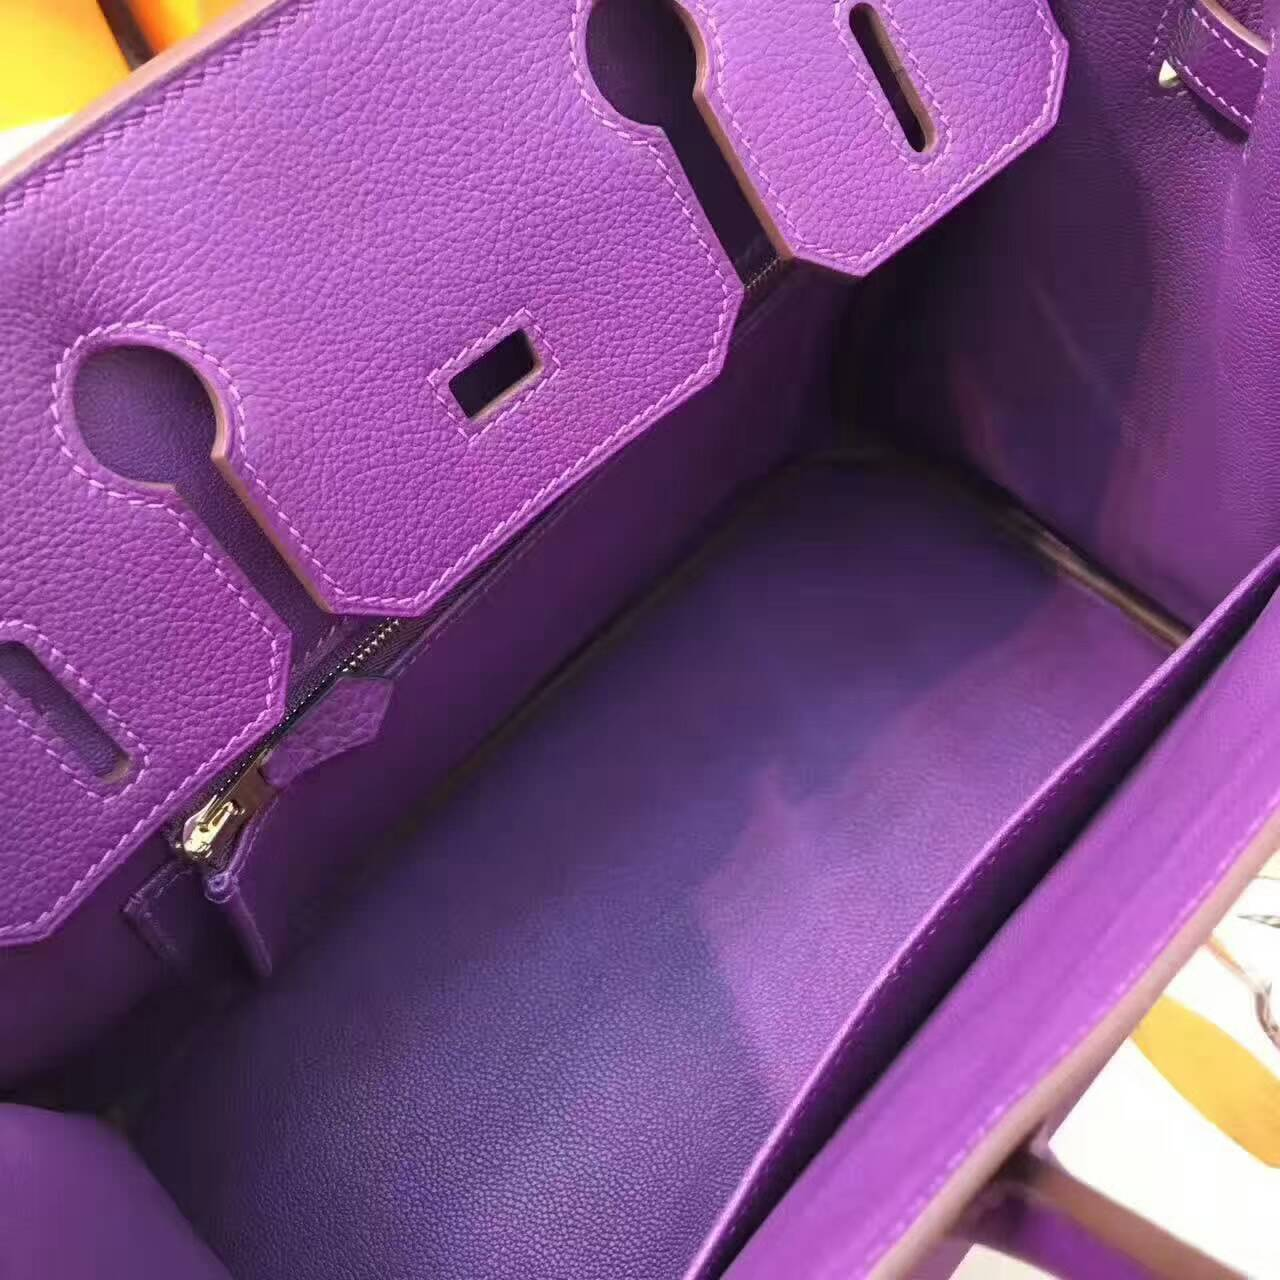 爱马仕铂金包 Birkin 30cm Togo 法国原产小牛皮 P9 Anemonb 海葵紫 金扣